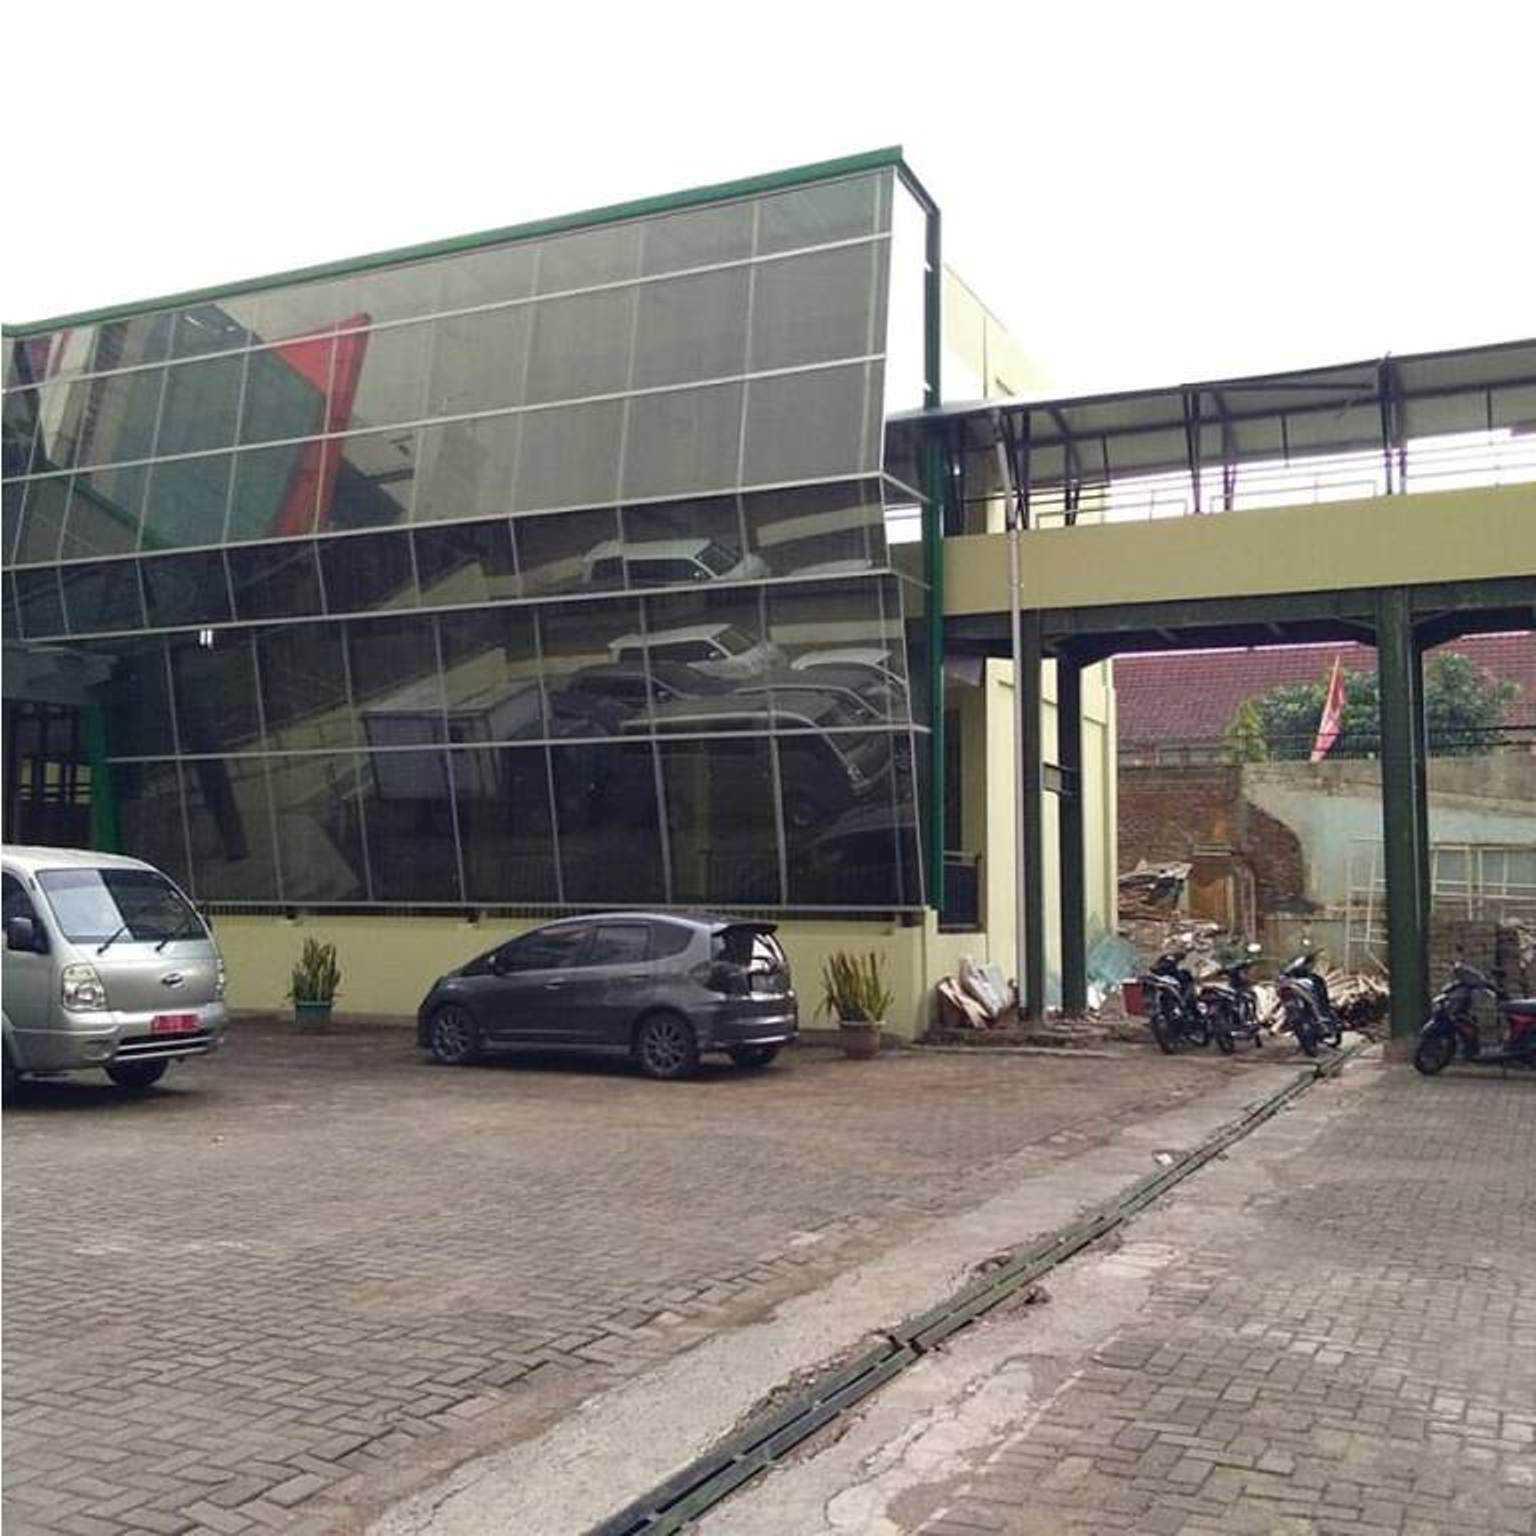 Archdesignbuild7 Kumkm Building Soekarno Hatta, Bandung, West Java Soekarno Hatta, Bandung, West Java Andiyanto-Purwonost-Kumkm-Building  57336